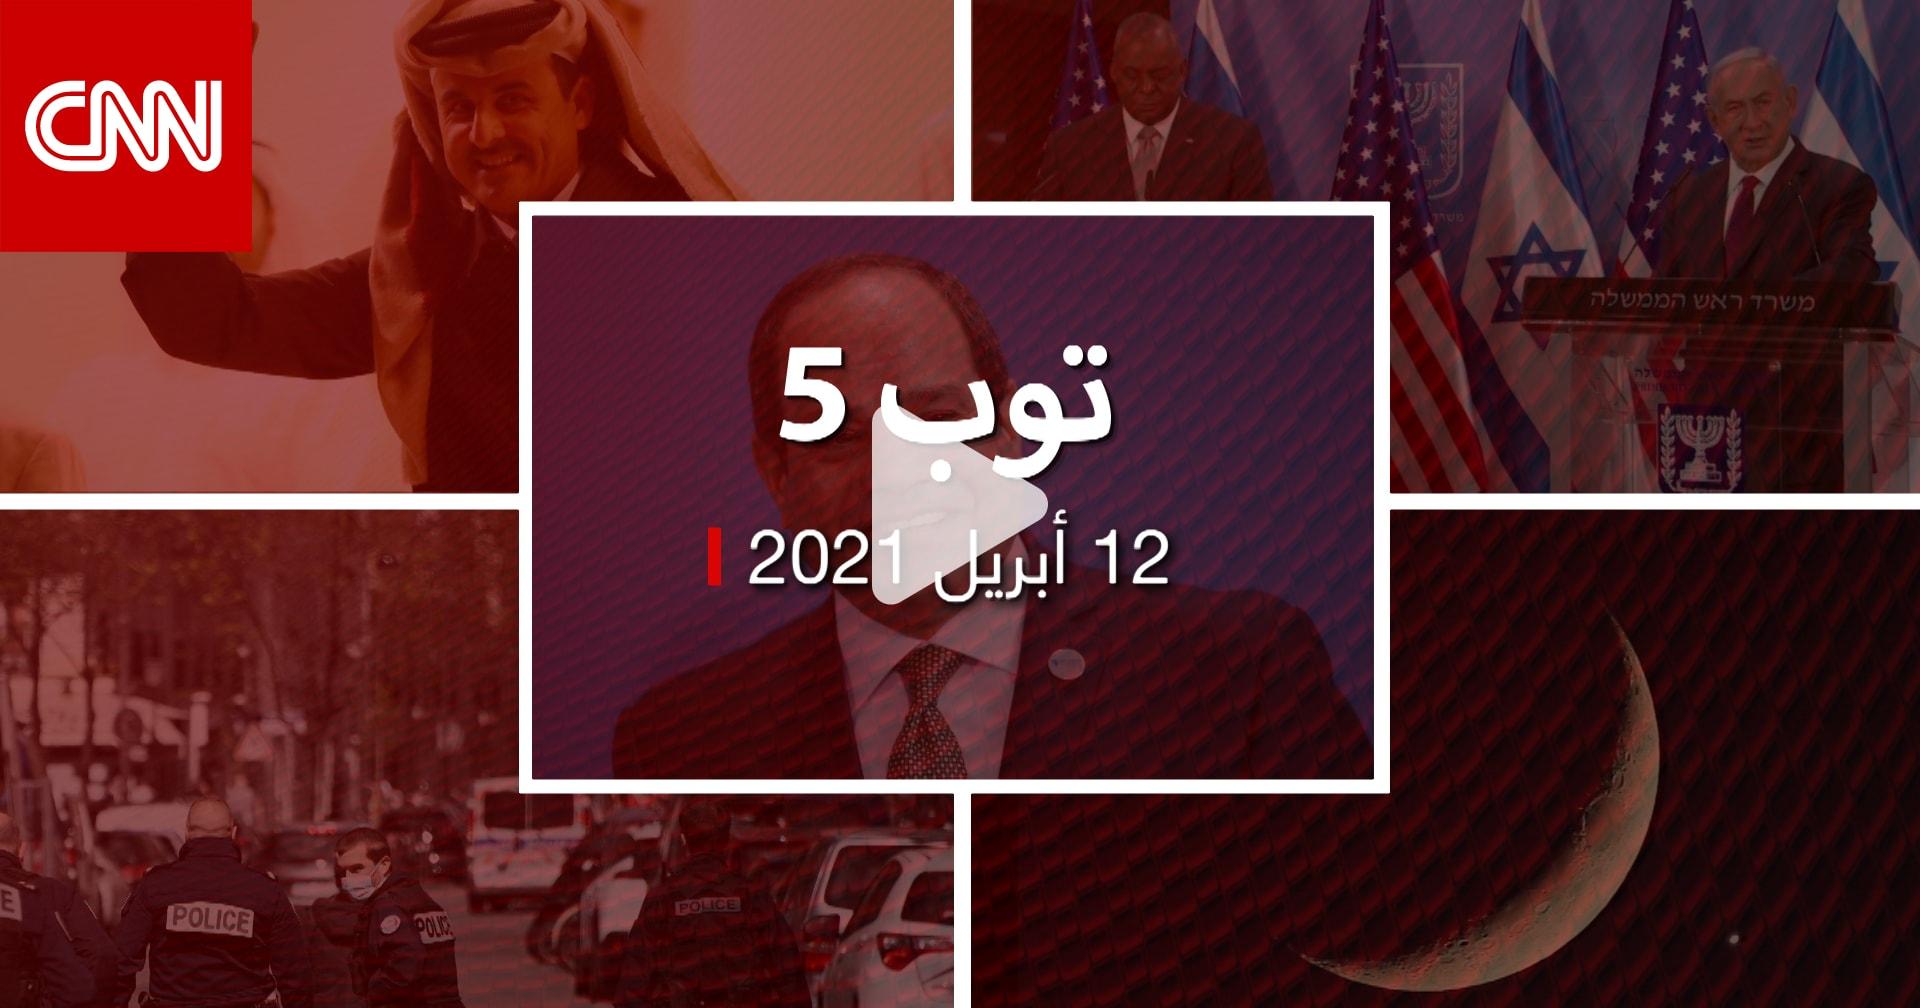 توب 5.. السيسي وأمير قطر في اتصال هاتفي.. وتحديد غرة رمضان